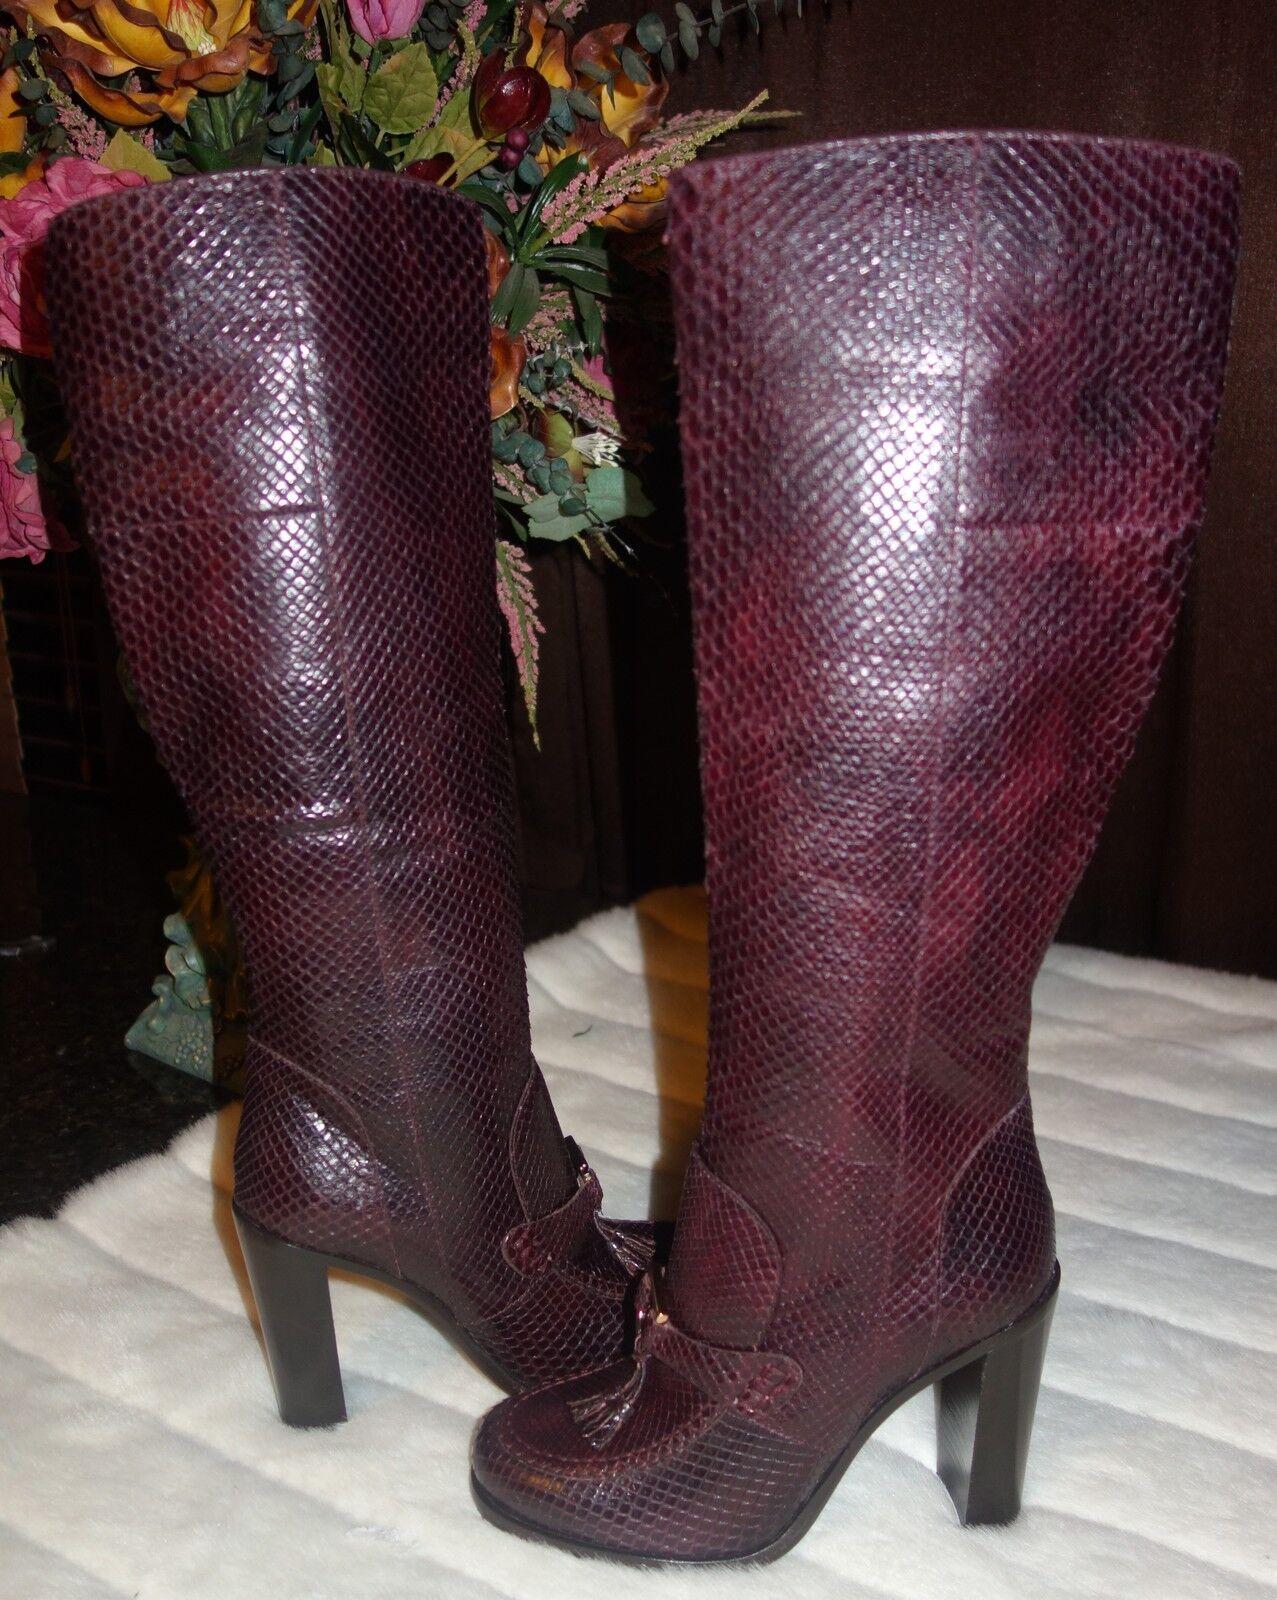 Salvatore Ferragamo  Cornel  de alto Python botas Bota Gancini poco Bota botas Talla 6.5 B Nuevo 2dd75e